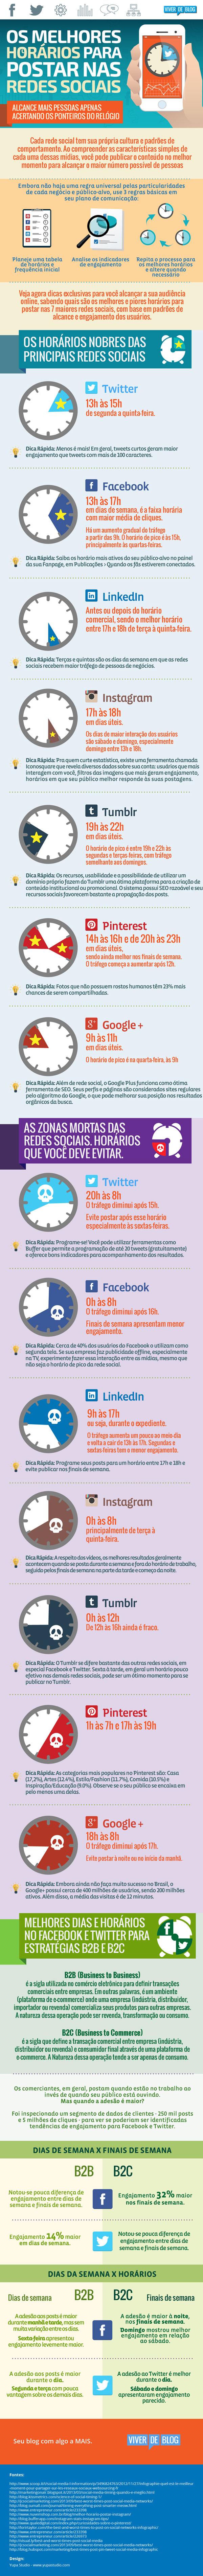 Infográfico Melhores Horários Redes Sociais